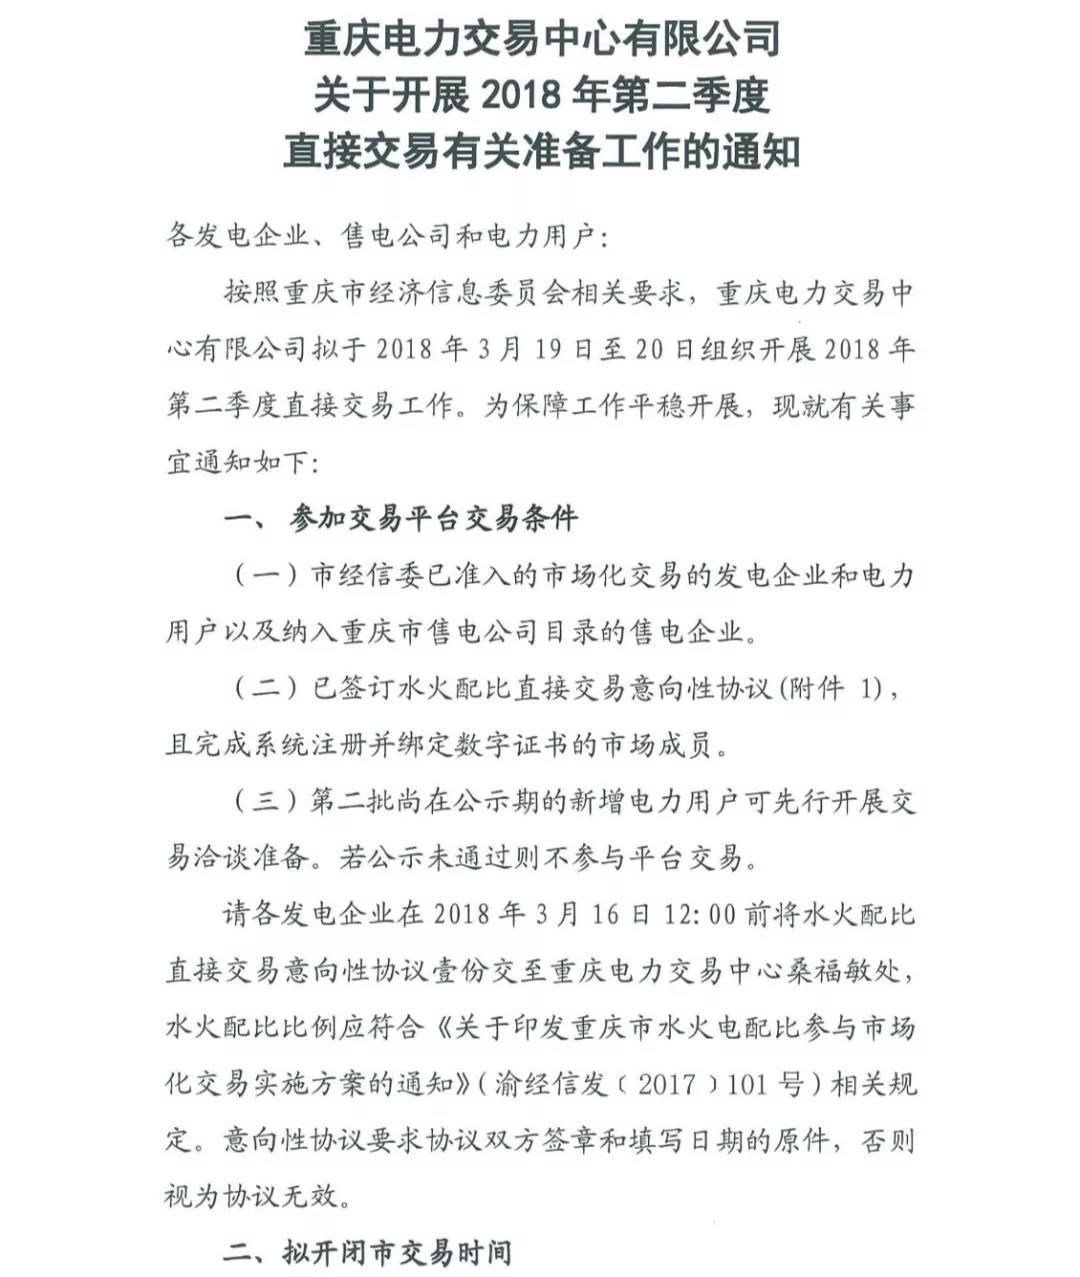 重庆2018年第二季度直接交易工作19日展开